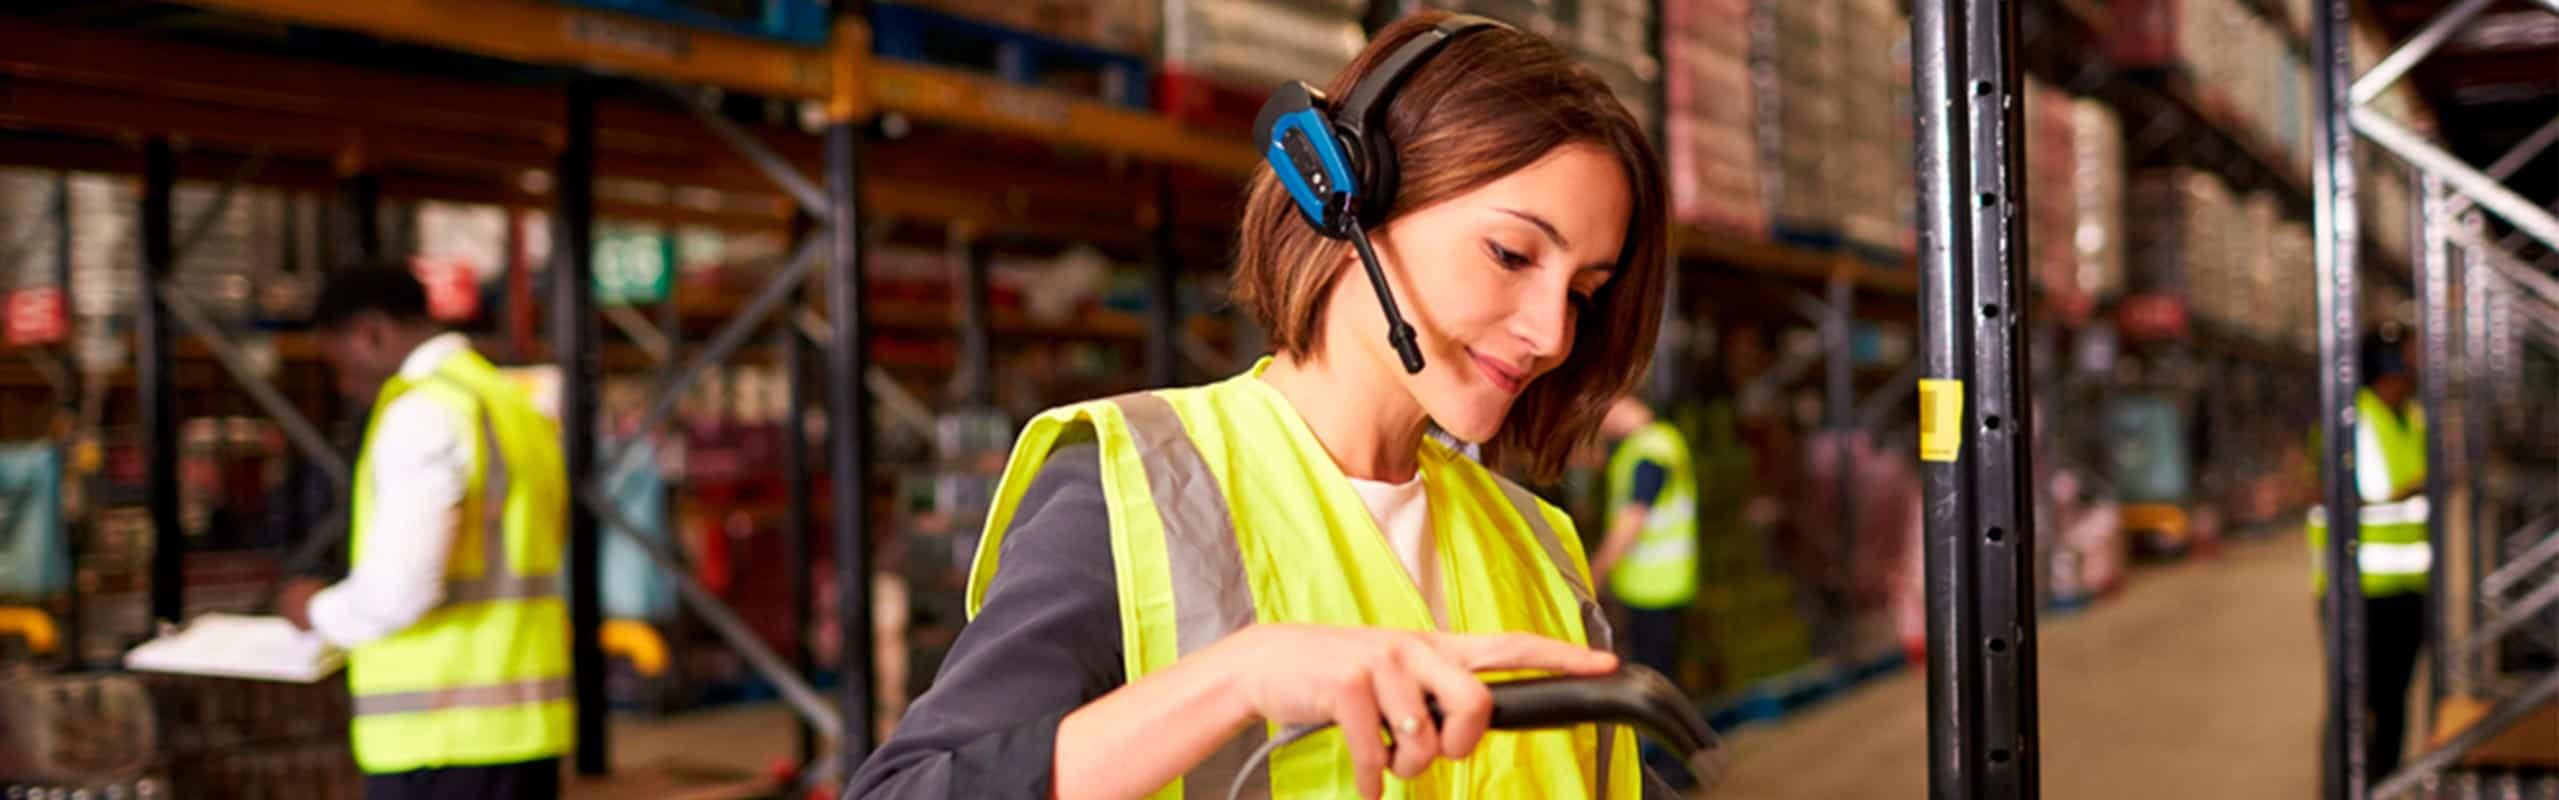 Te contamos la importancia de los proveedores en tu negocio